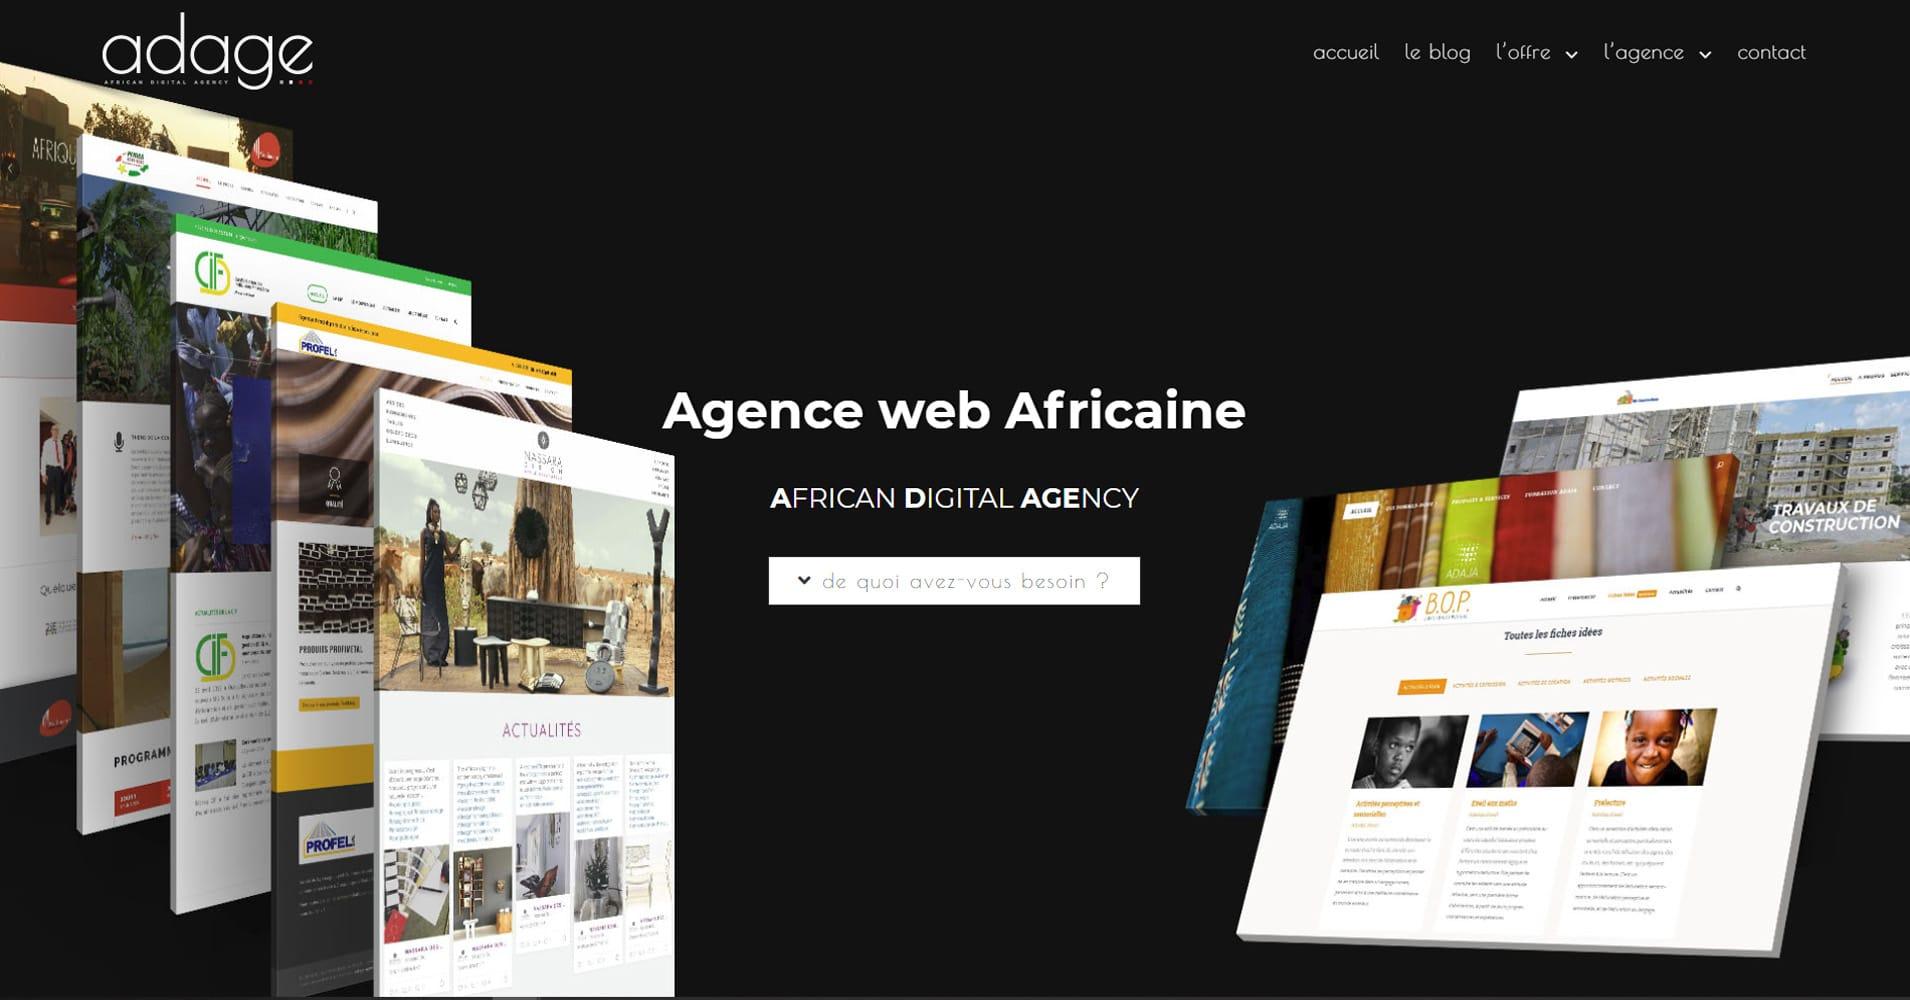 Un nouveau site web pour Adage